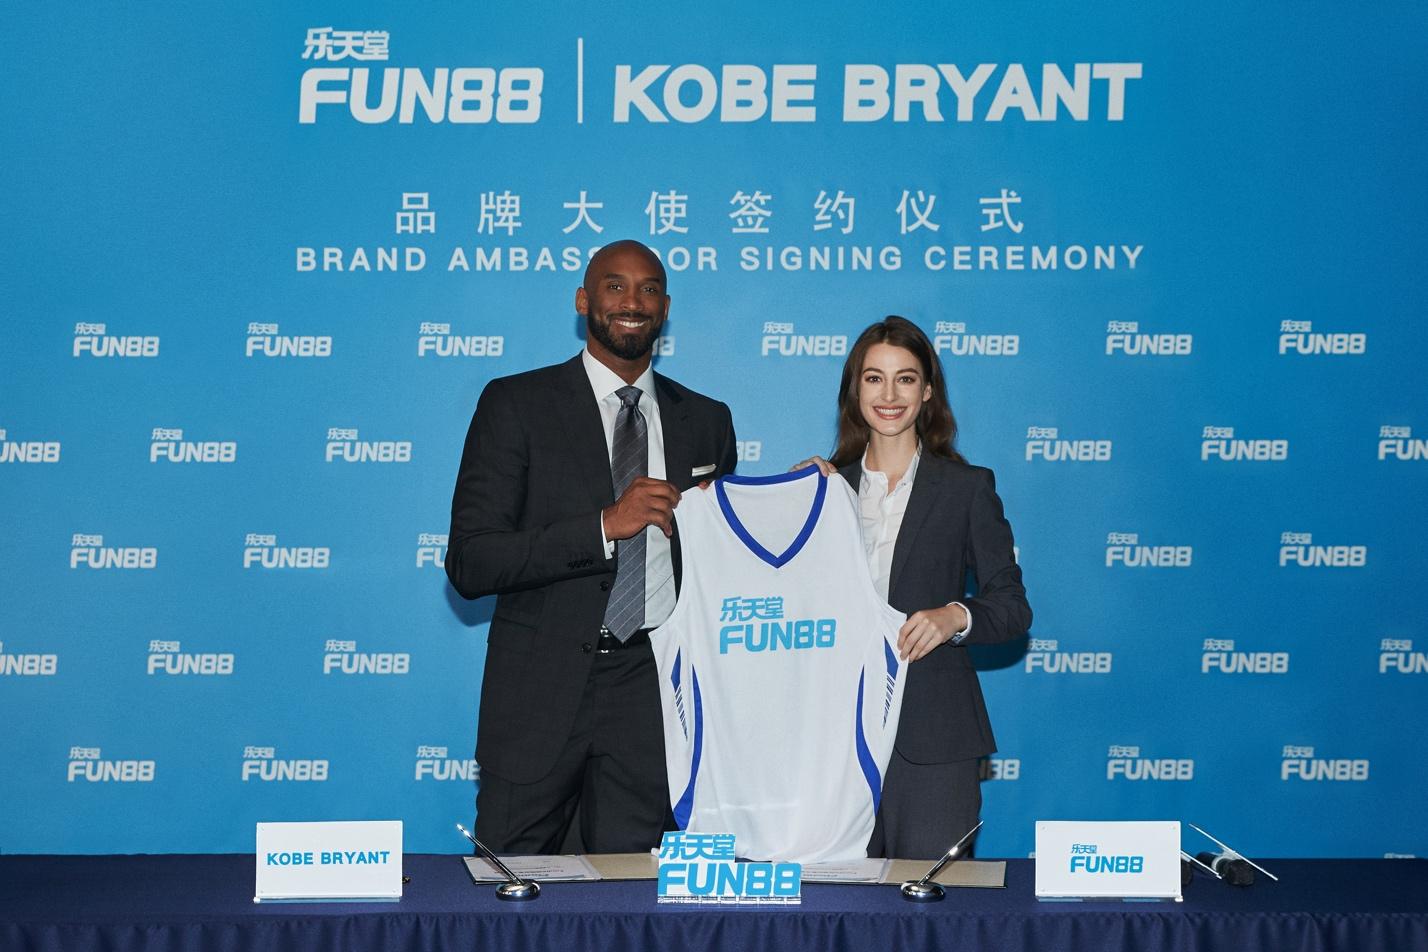 传奇巨头携手 篮坛巨星科比·布莱恩特首度成为乐天堂代言人